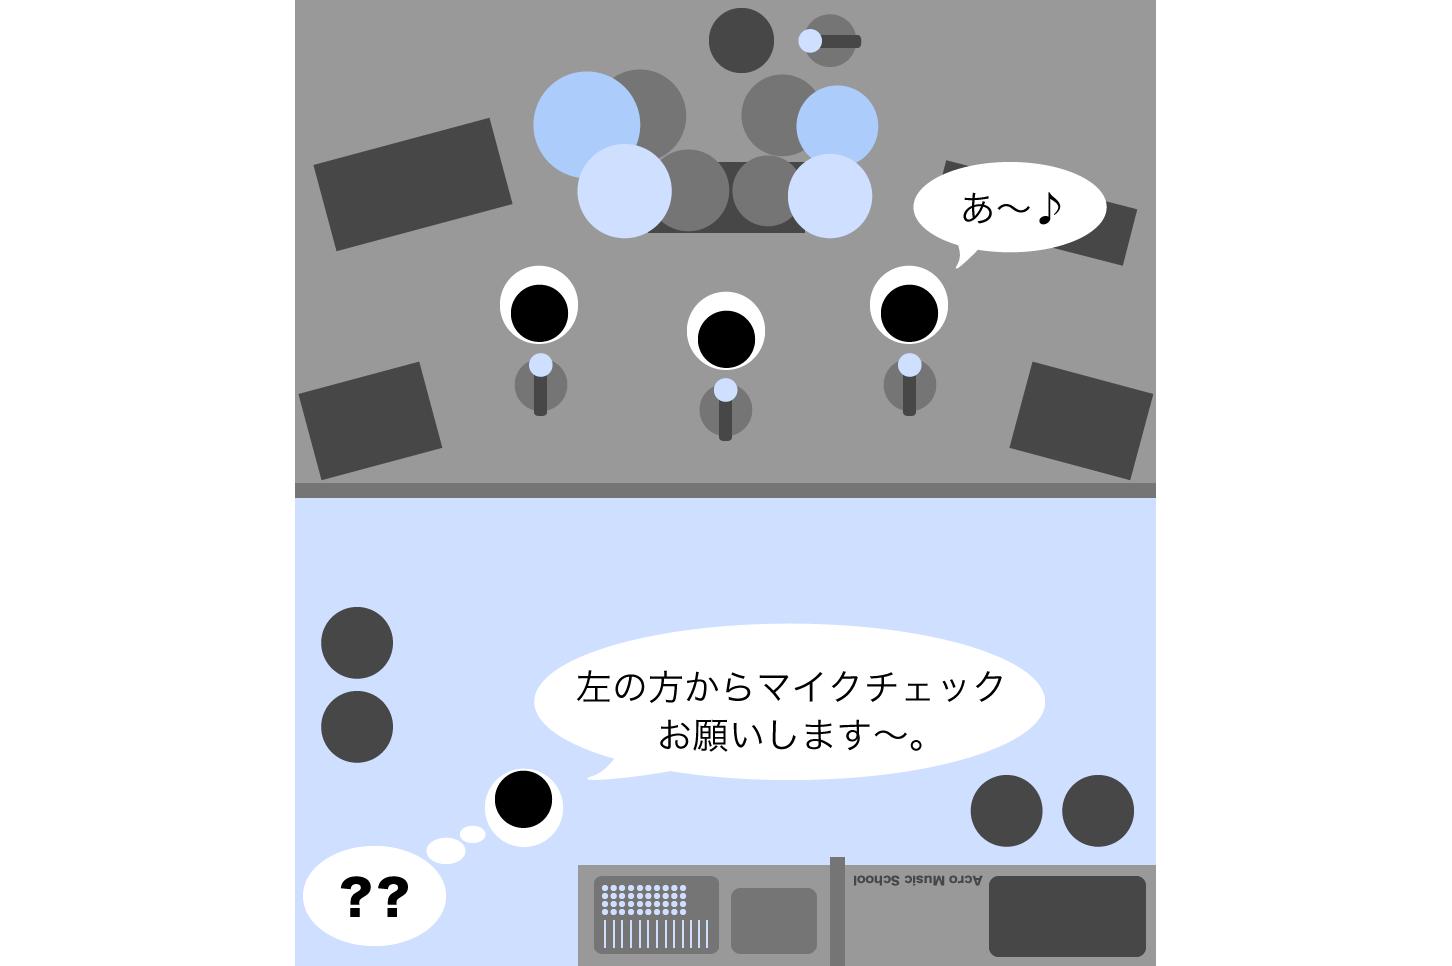 ステージ 左右